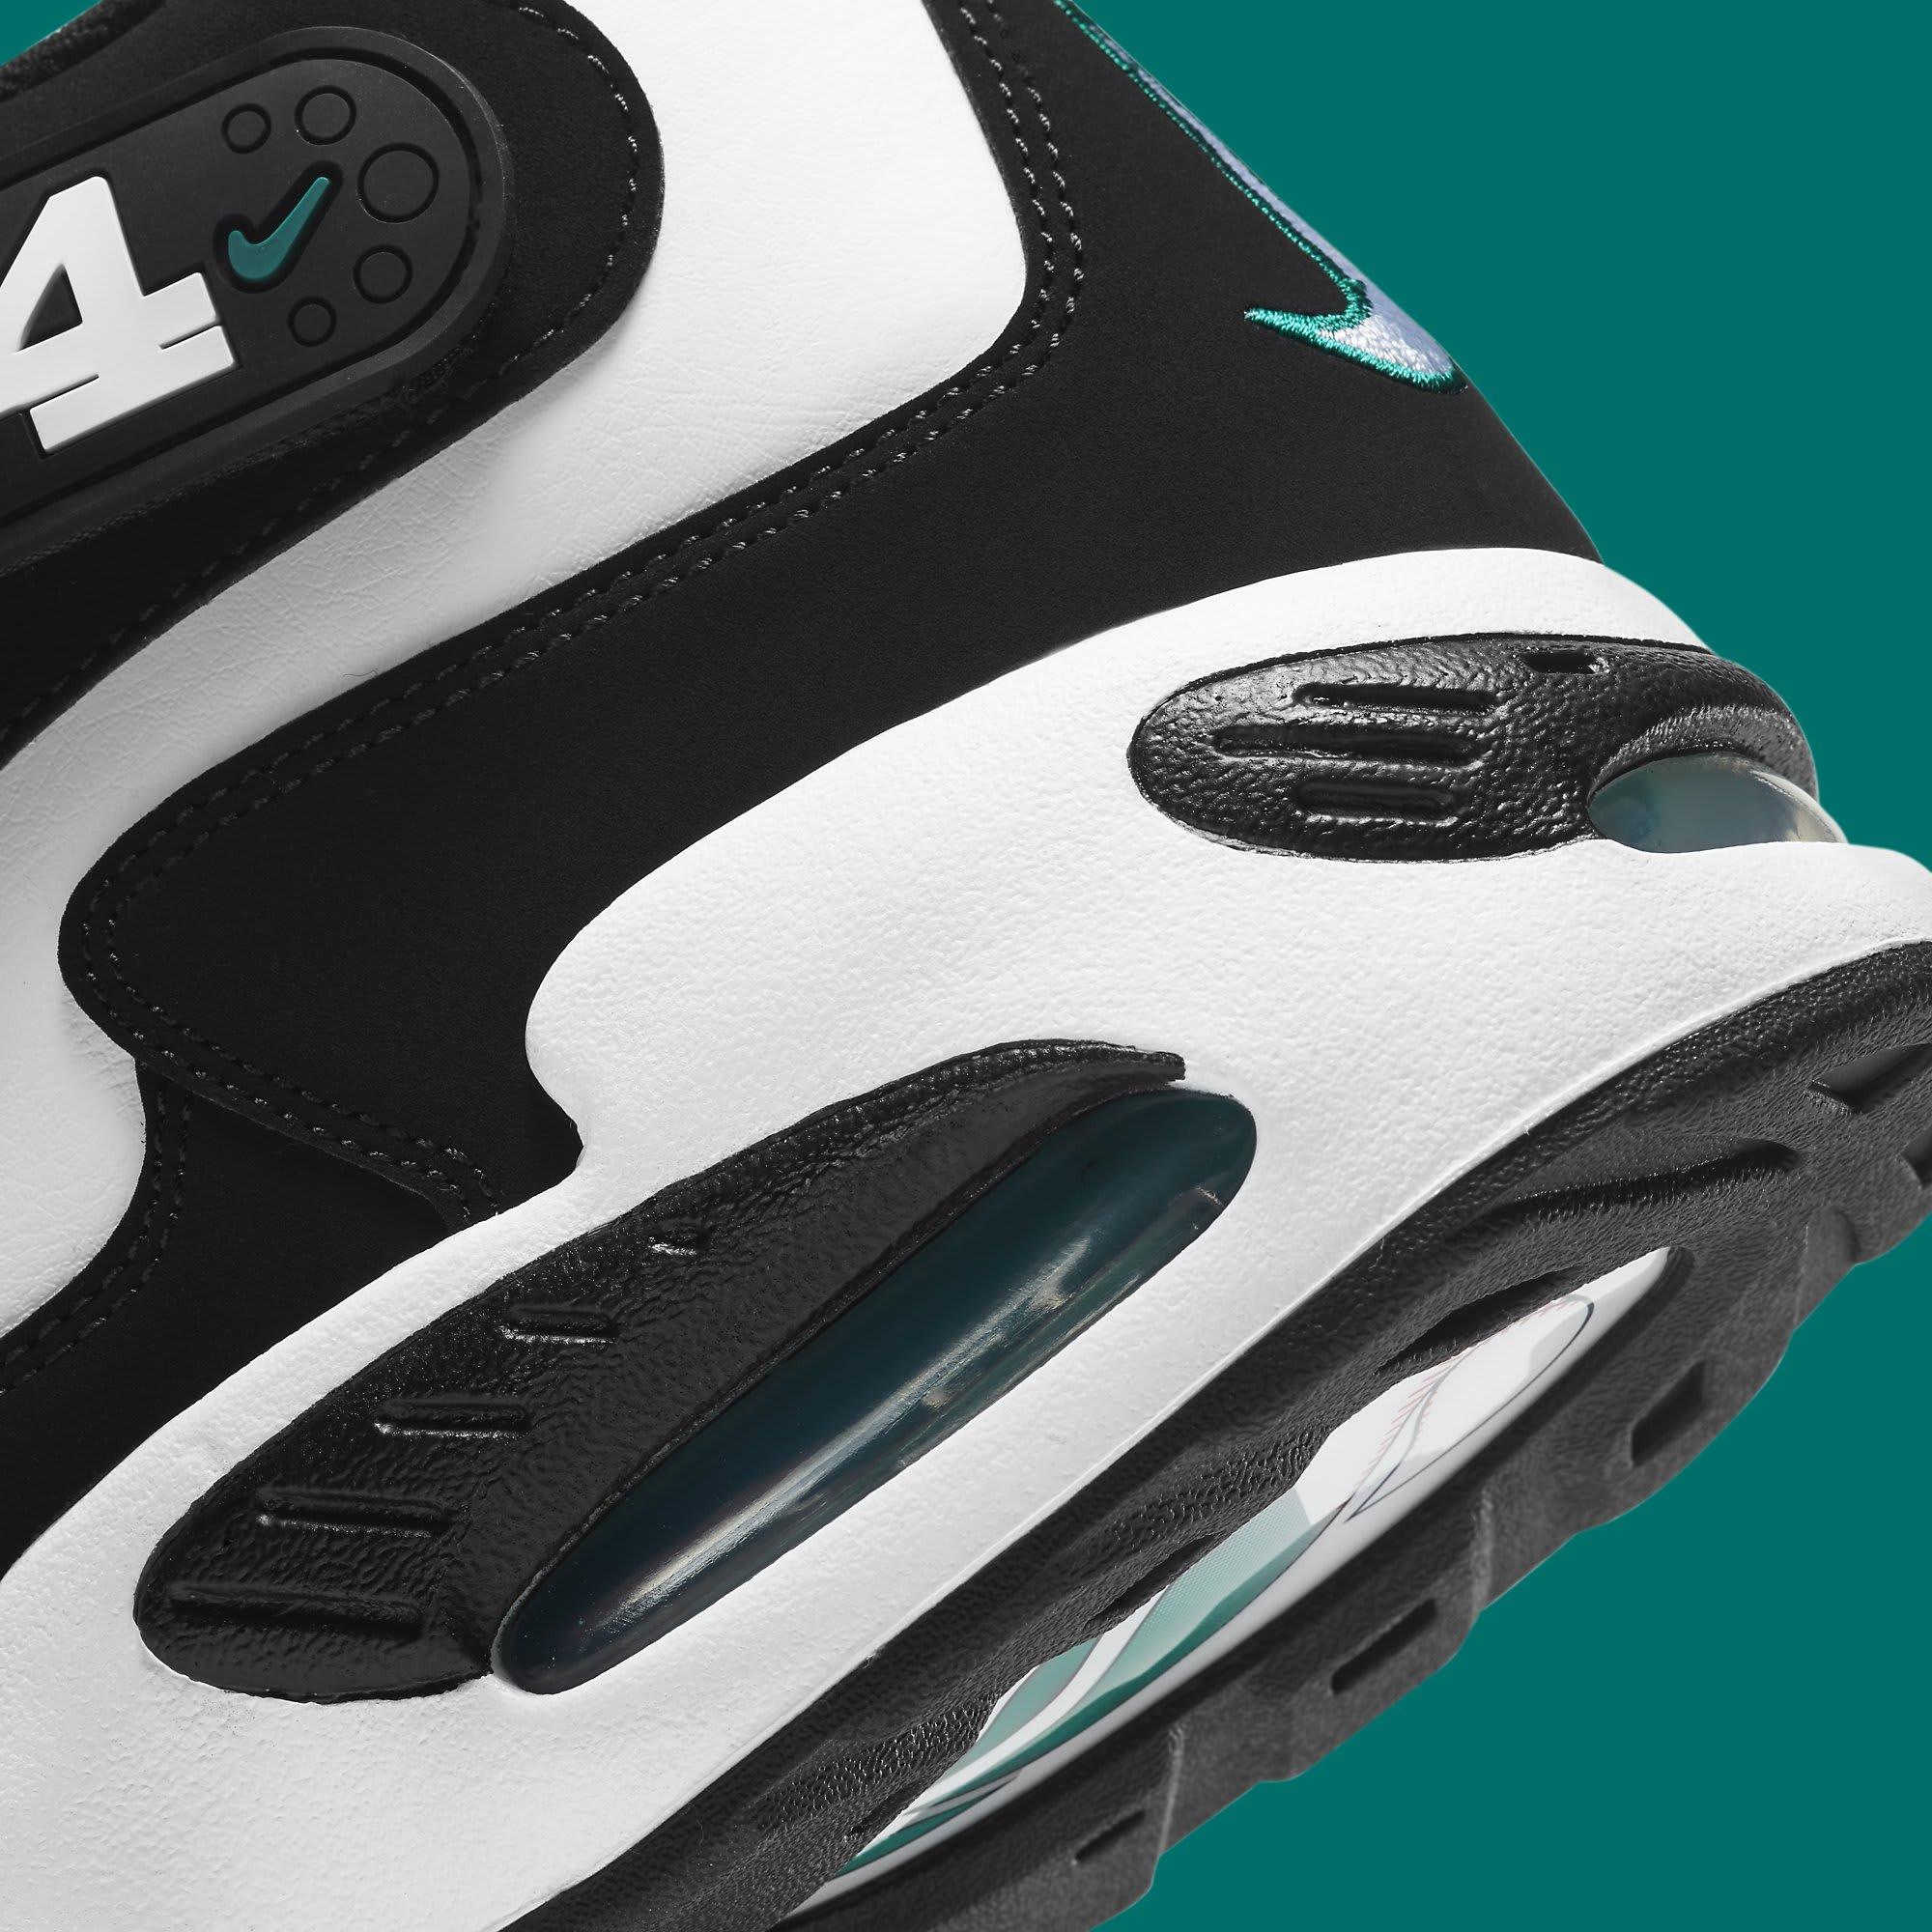 Nike Air Griffey Max 1'Freshwater' 2021 DD8558-100 heel